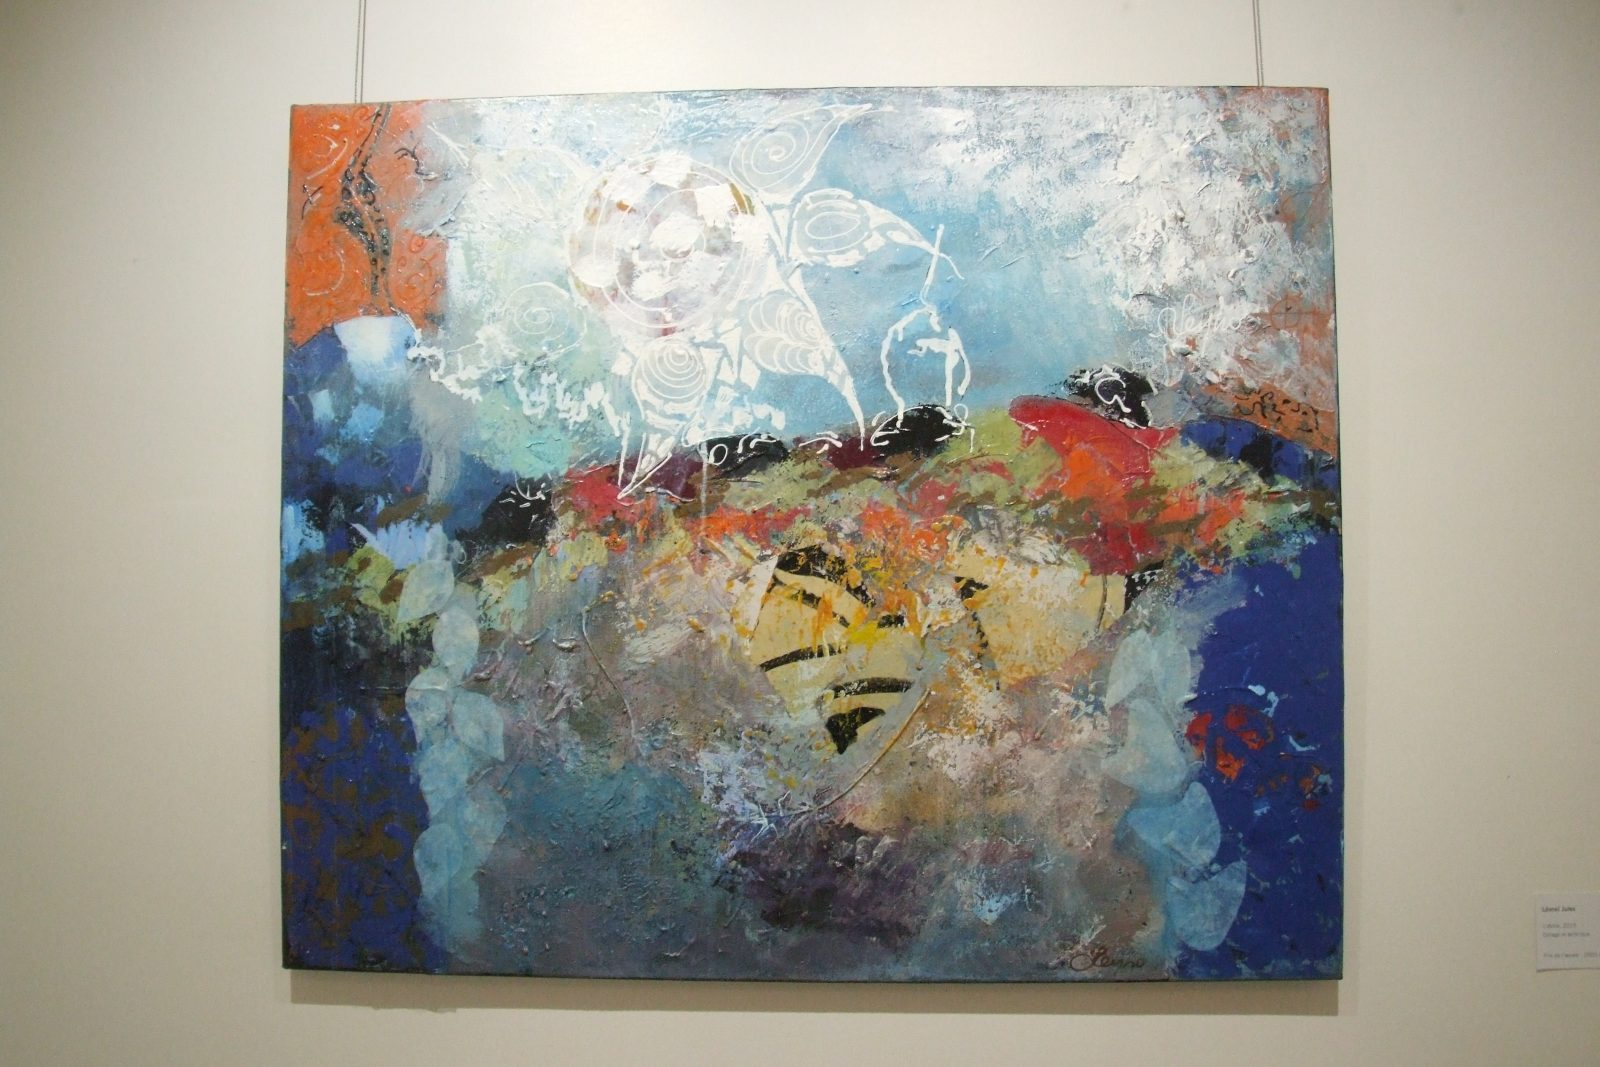 L'exposition L'héritage culturel  rassemble le travail de neuf artistes locaux